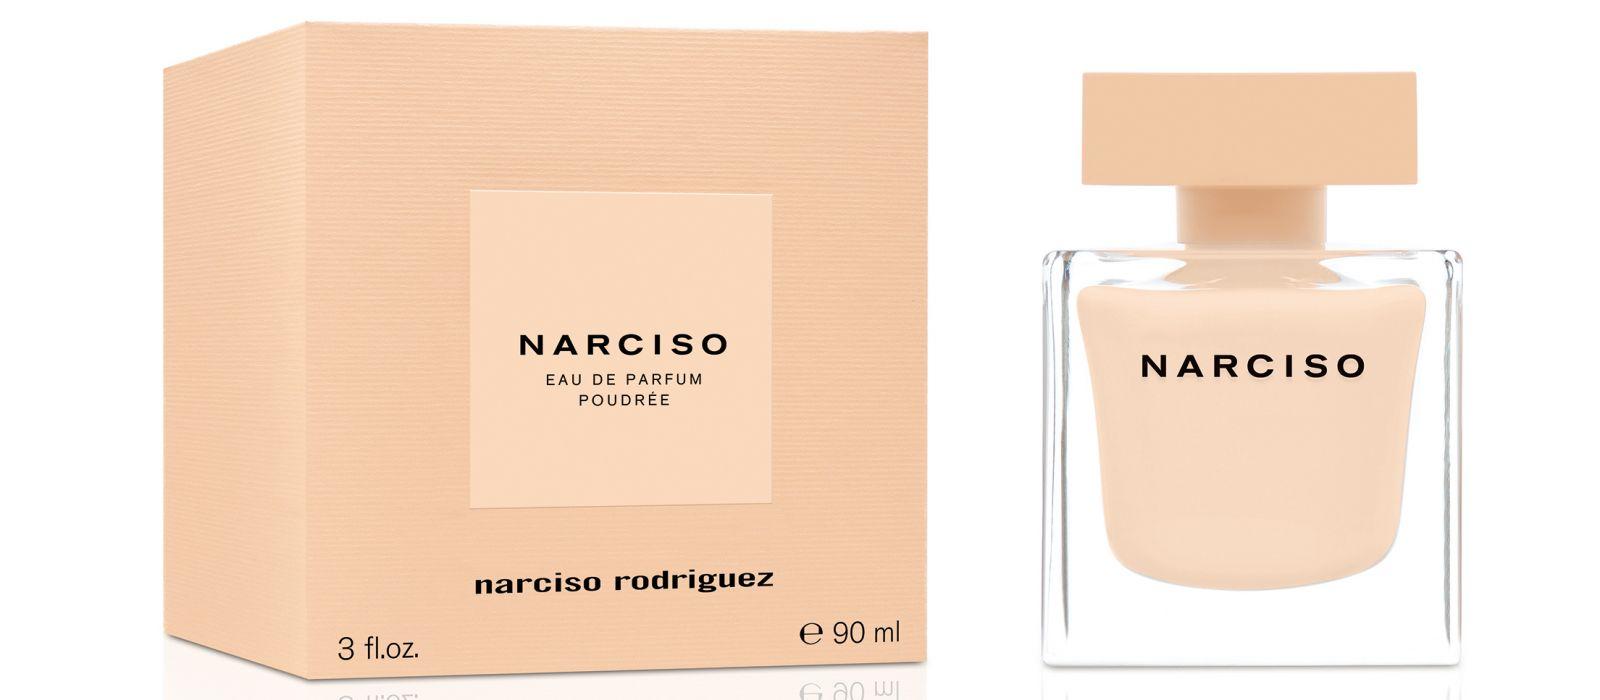 Два новых аромата Narciso Rodriguez - Narciso eau de parfum Poudrее и Narciso for him bleu noir